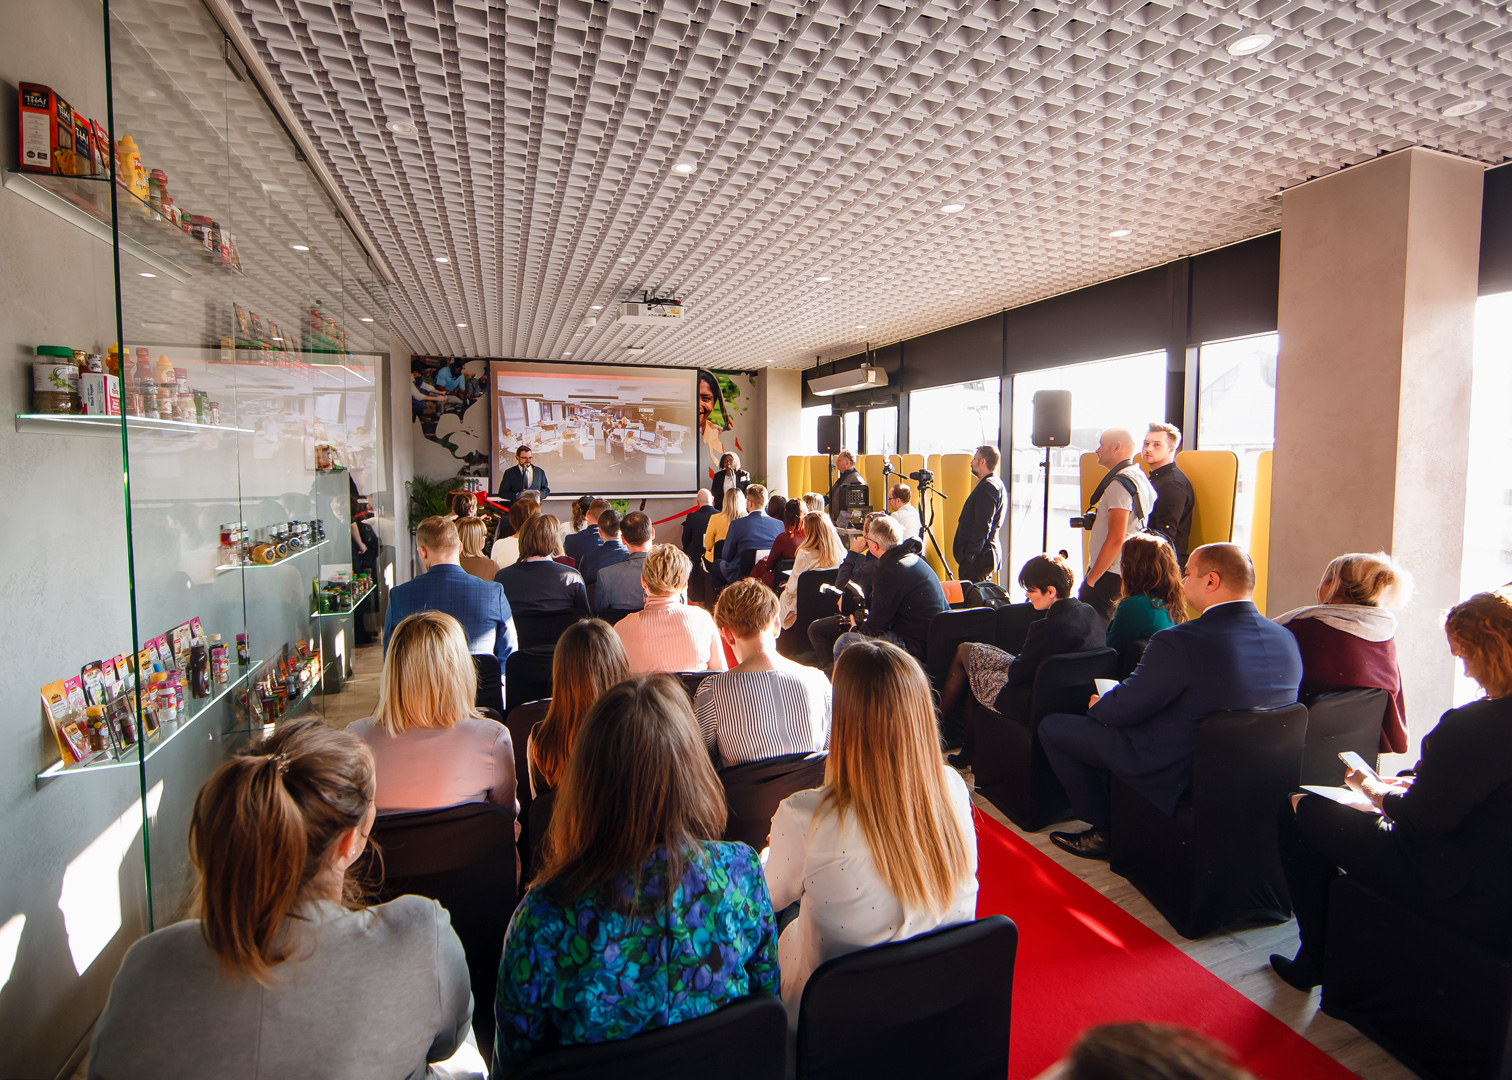 McCormick Shared Services utworzył Centrum Kariery w Łodzi - miejsce, gdzie kandydaci mogą dowiedzieć się więcej na temat pracy w firmie. (Fot. mat. pras.)